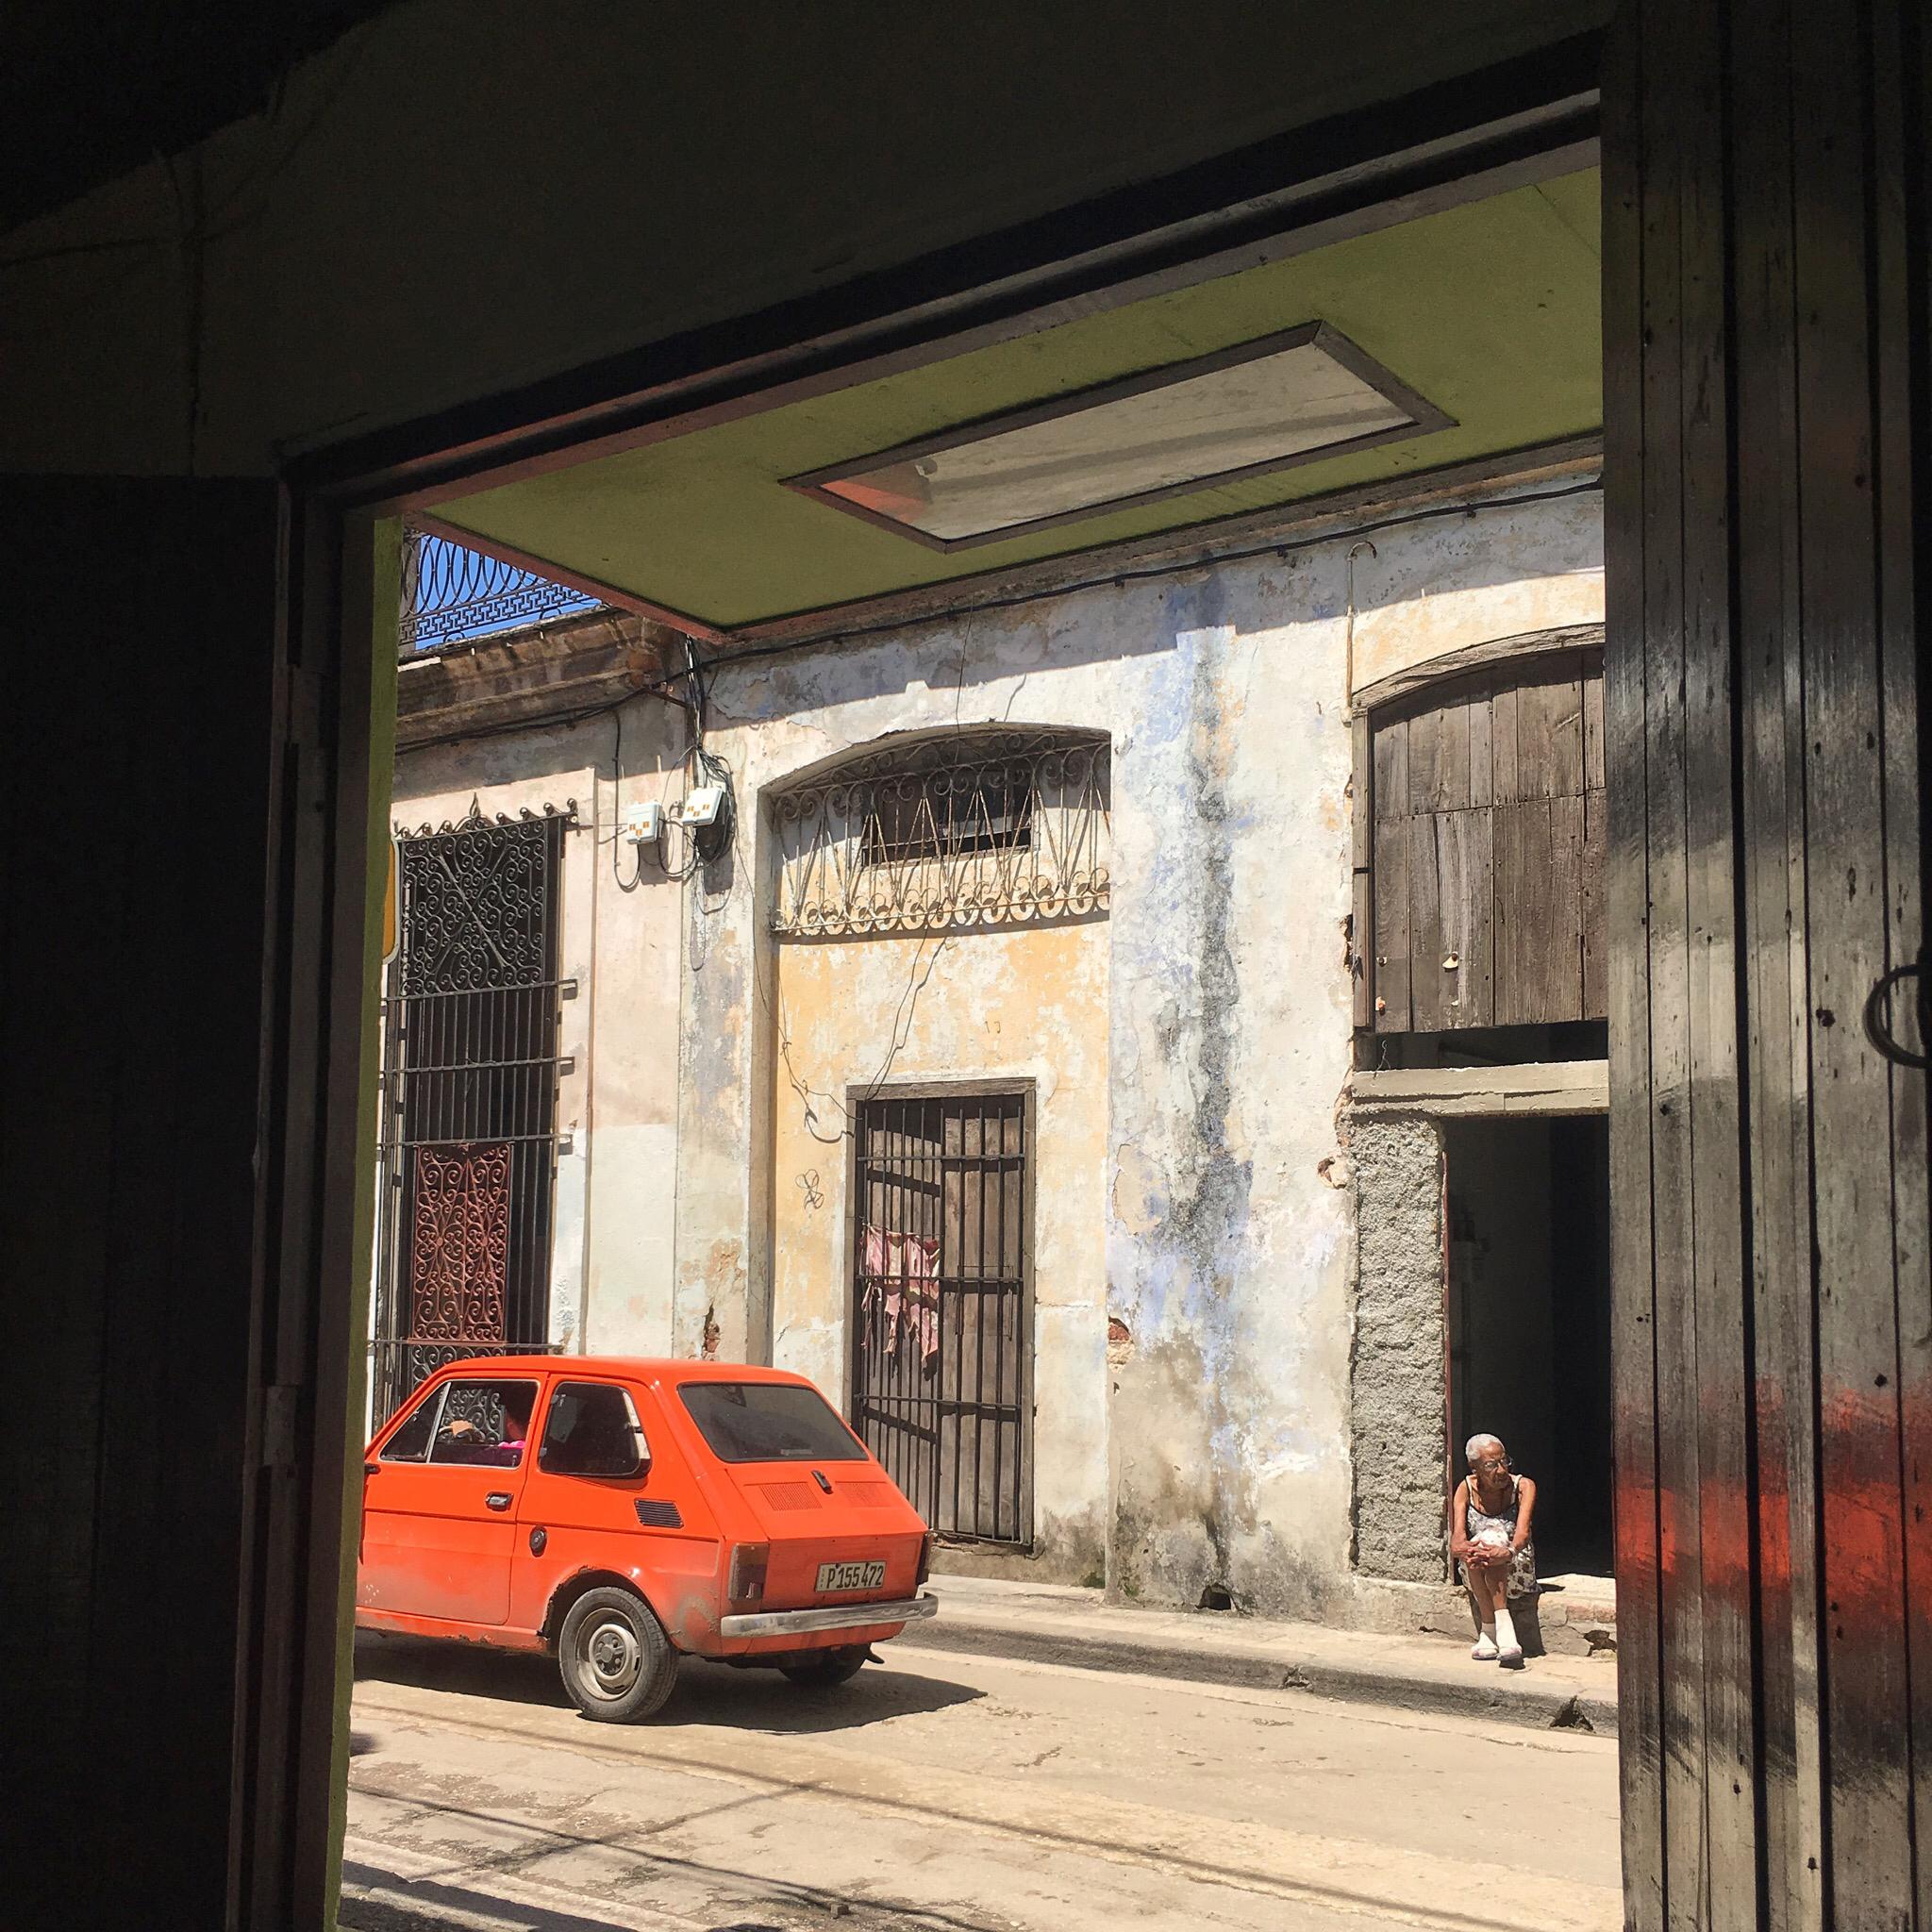 Noon in Havana, Cuba